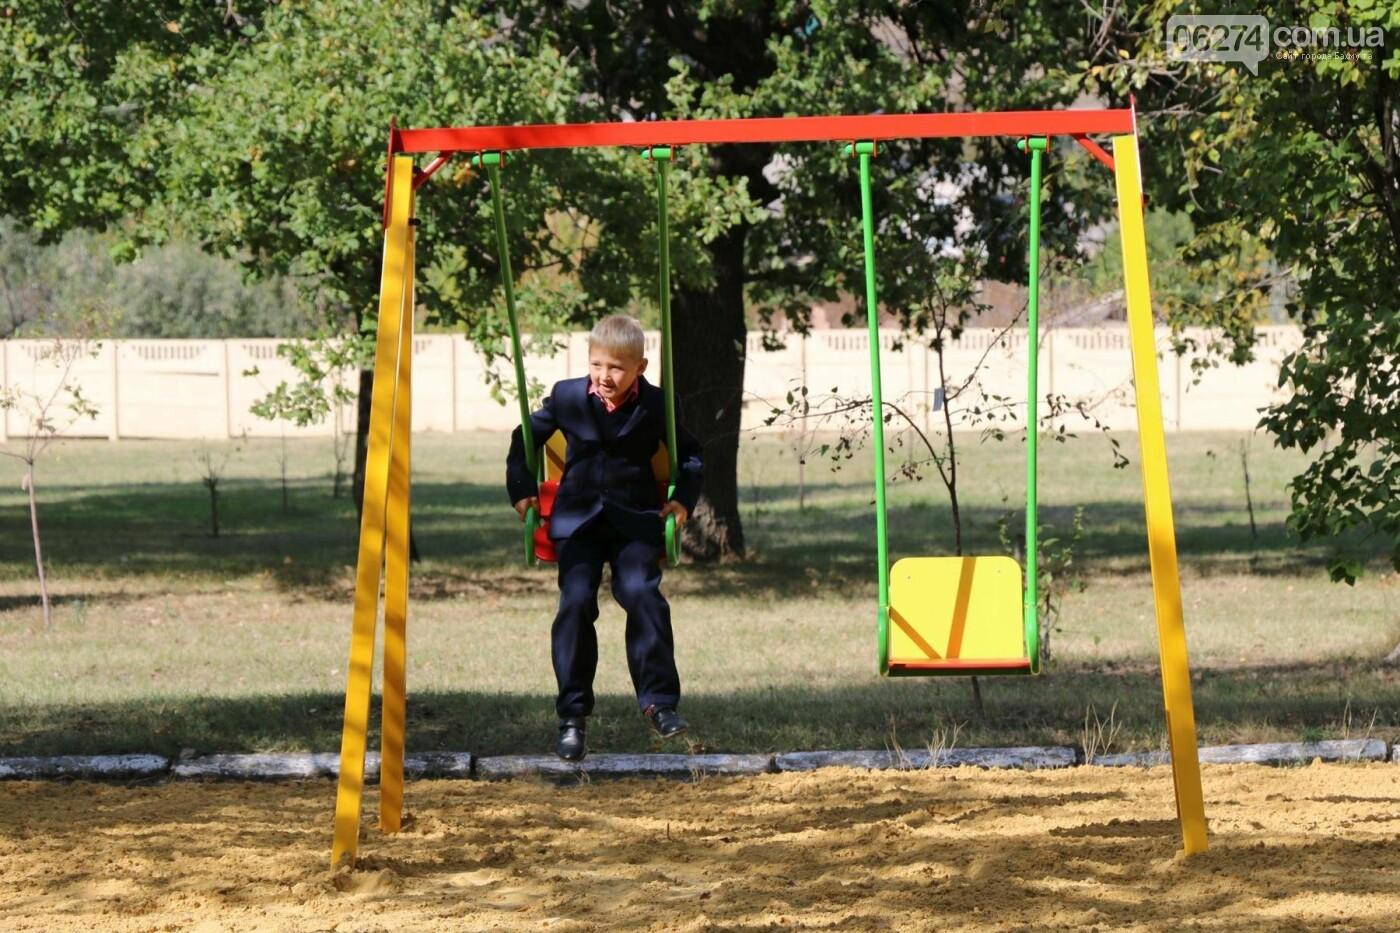 Обновленную детскую площадку открыли в Бахмутской ЦРБ, фото-6